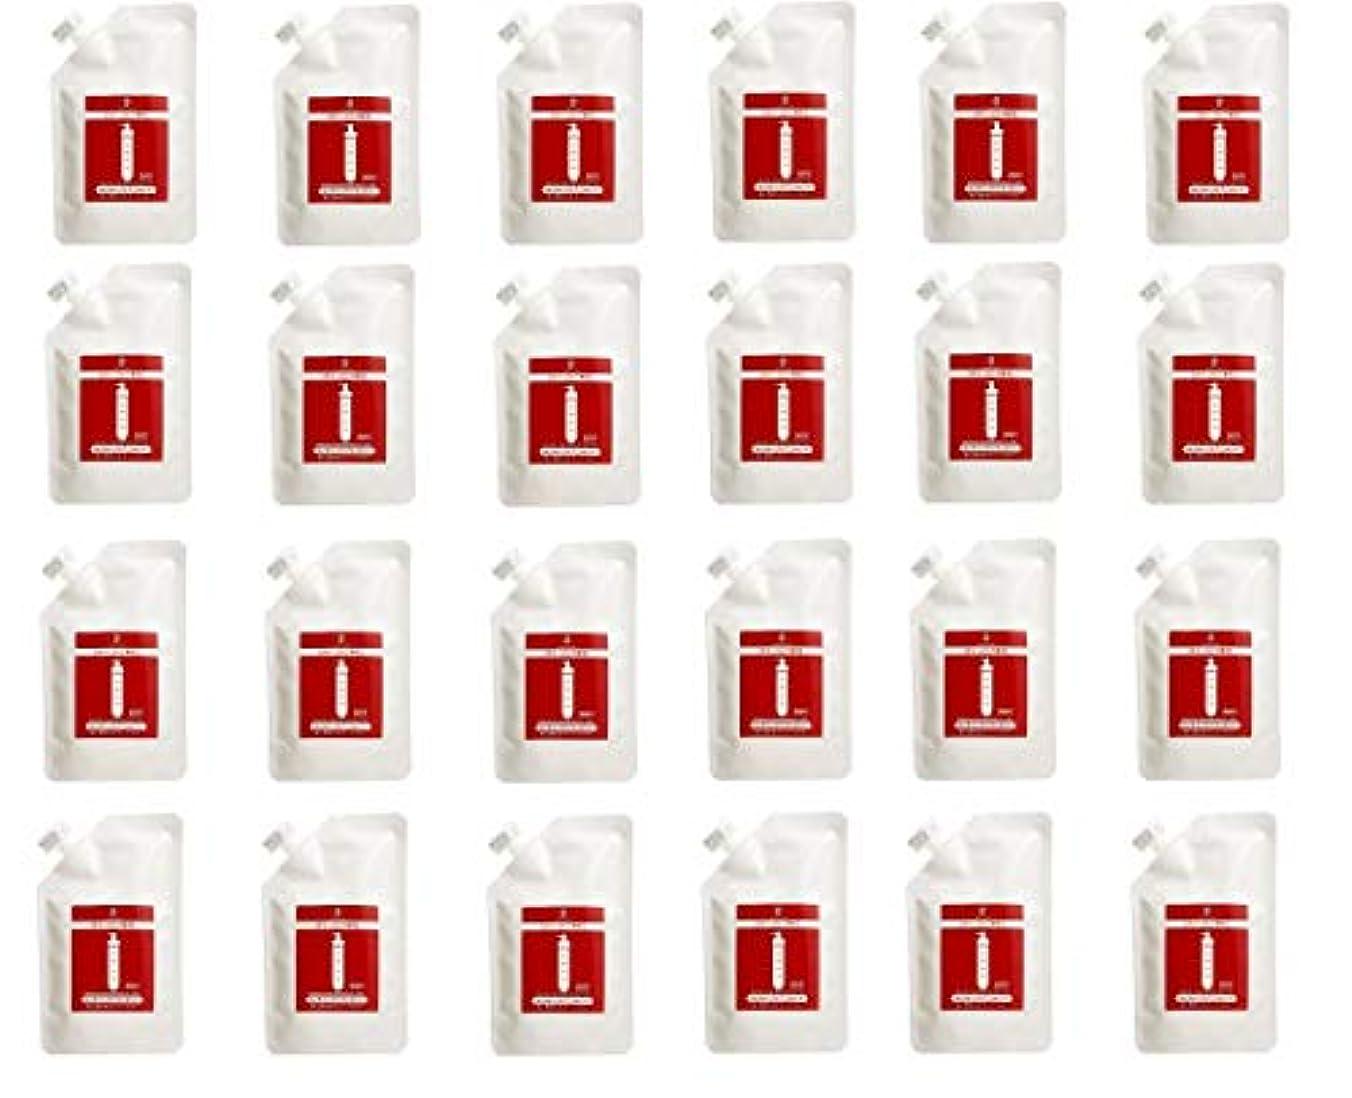 ブランド名奨励します抜け目がない【24個セット】 マーガレット ジョセフィン ダメージケアエッセンス 詰替え用 120ml